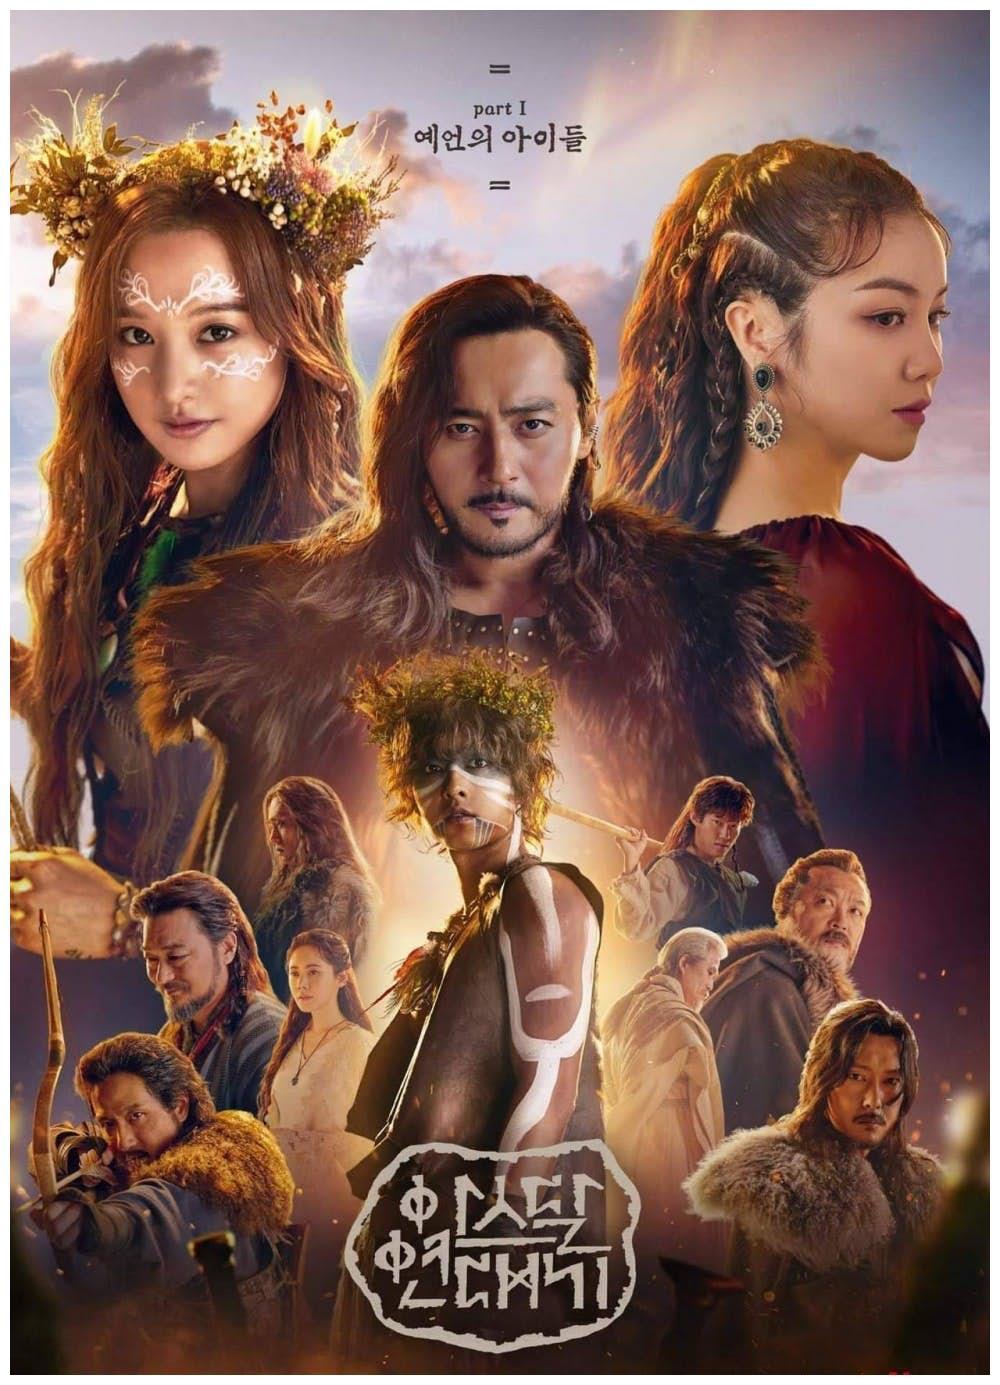 《阿斯达年代记》第二季9月开拍,三位演员陷争议被韩网友抵制